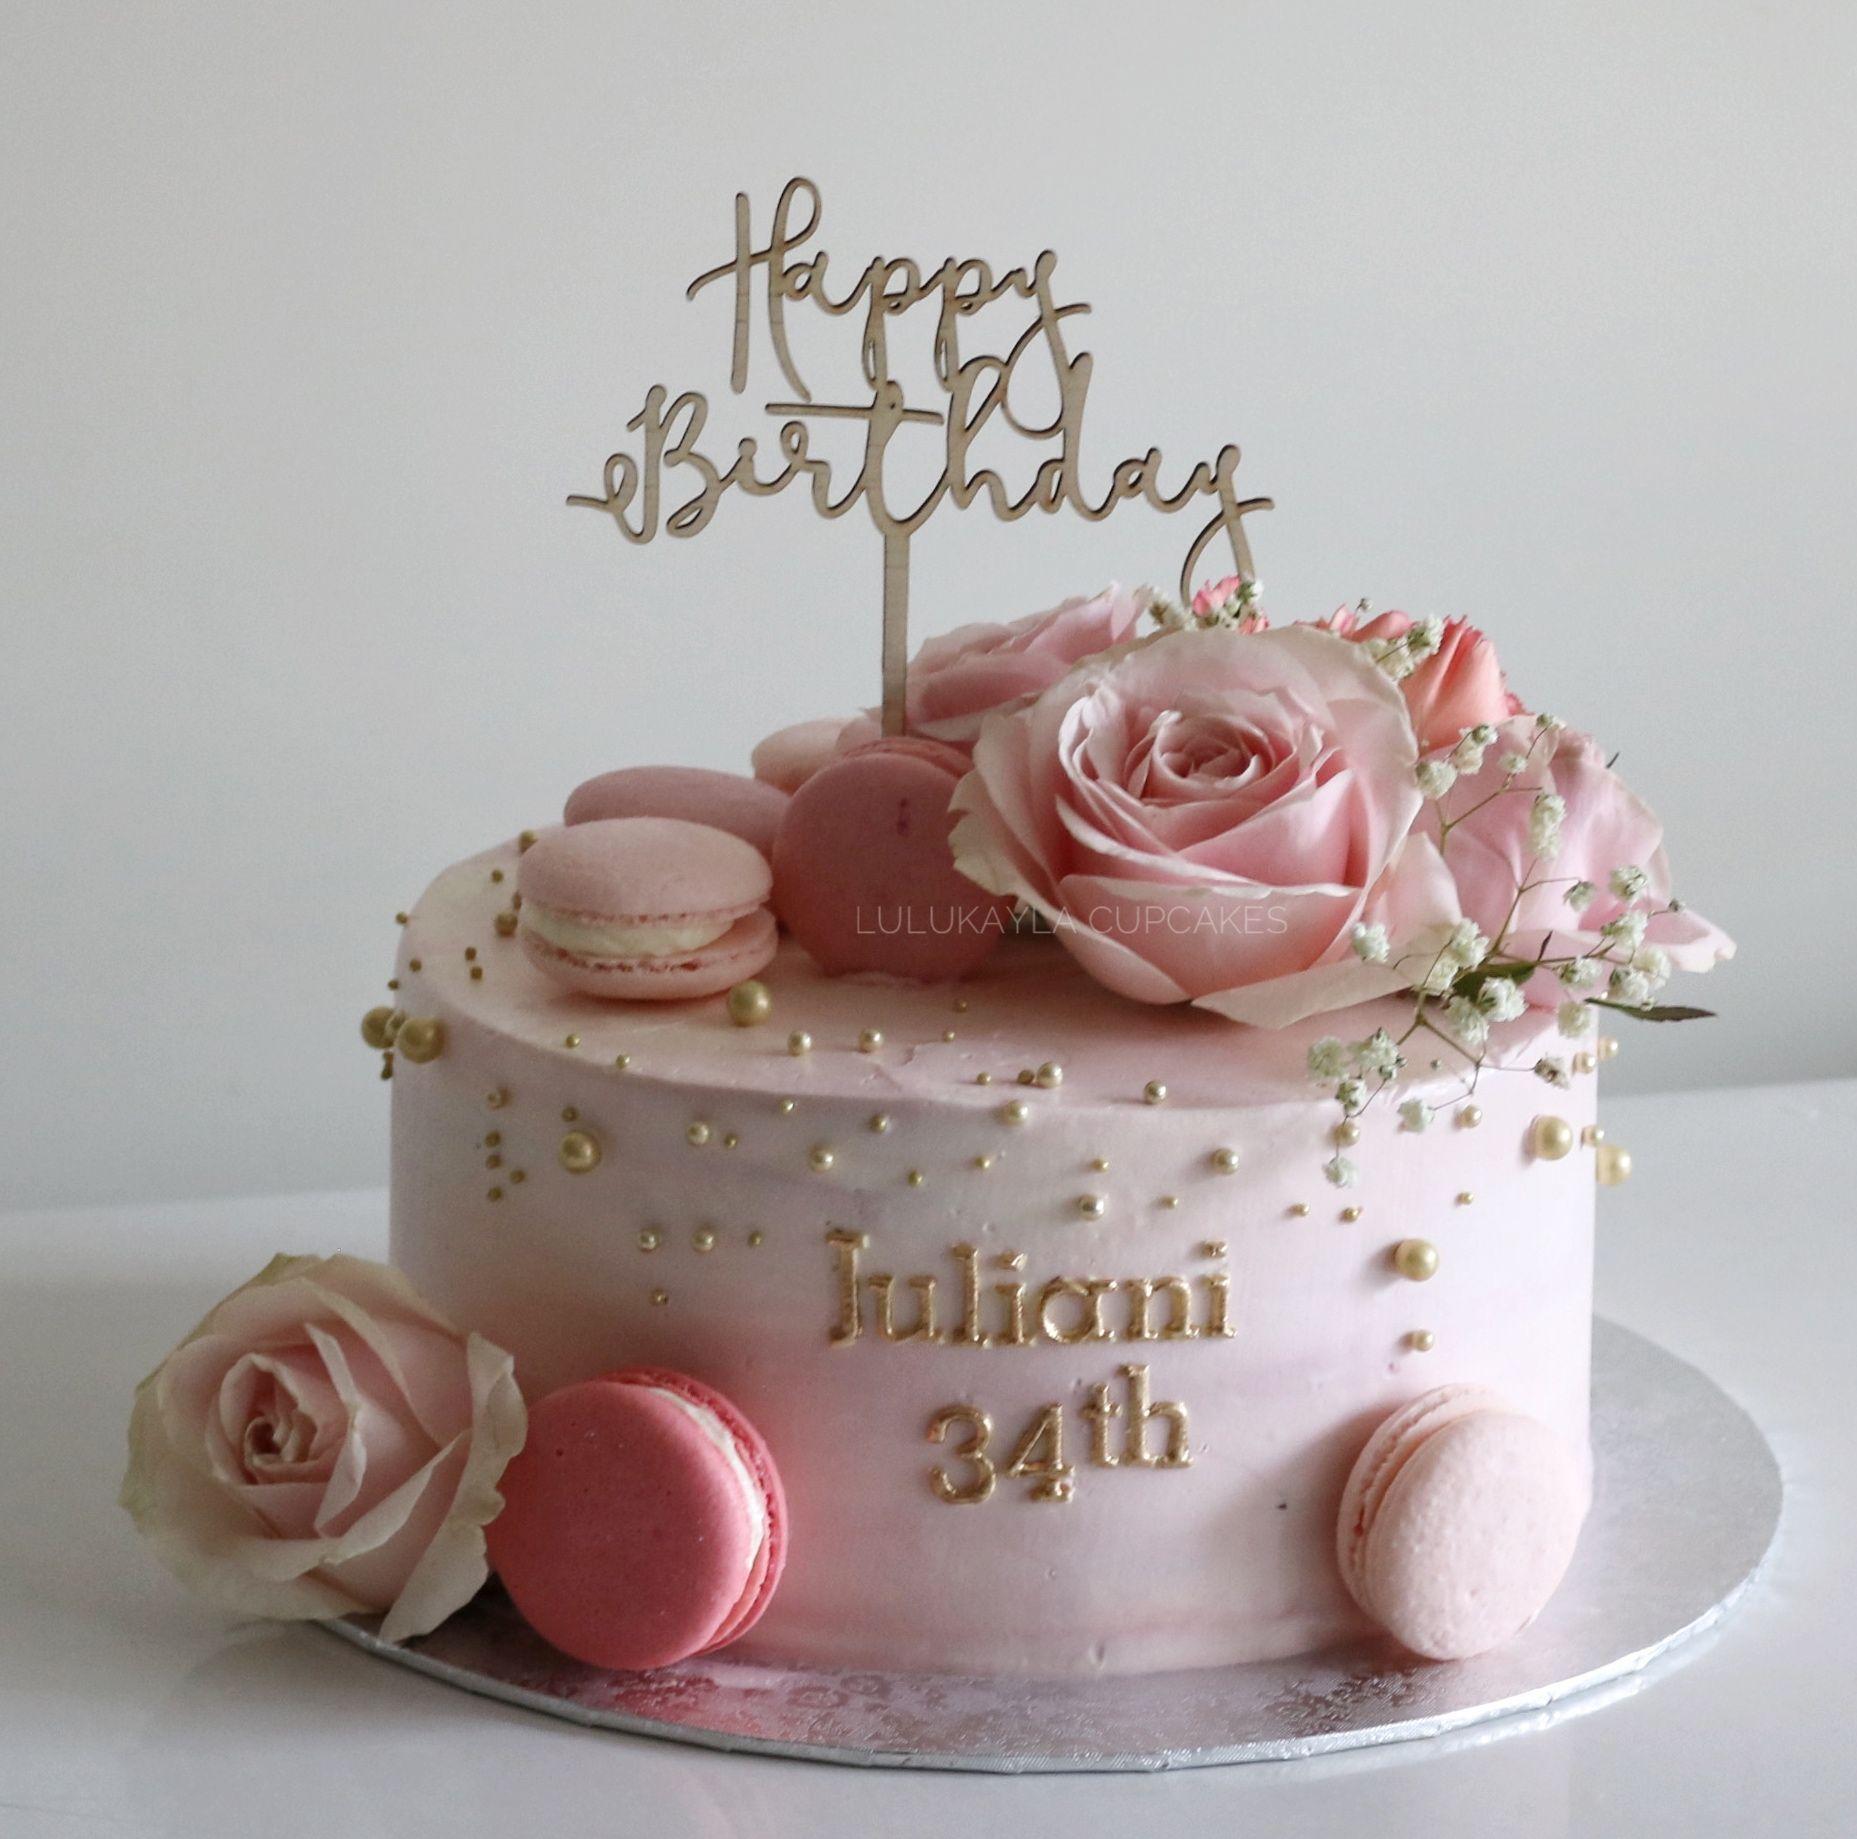 Rose Flower Buttercream Cake Buttercream Cake Flower Rose In 2020 Macaron Cake Flower Cake 40th Birthday Cakes